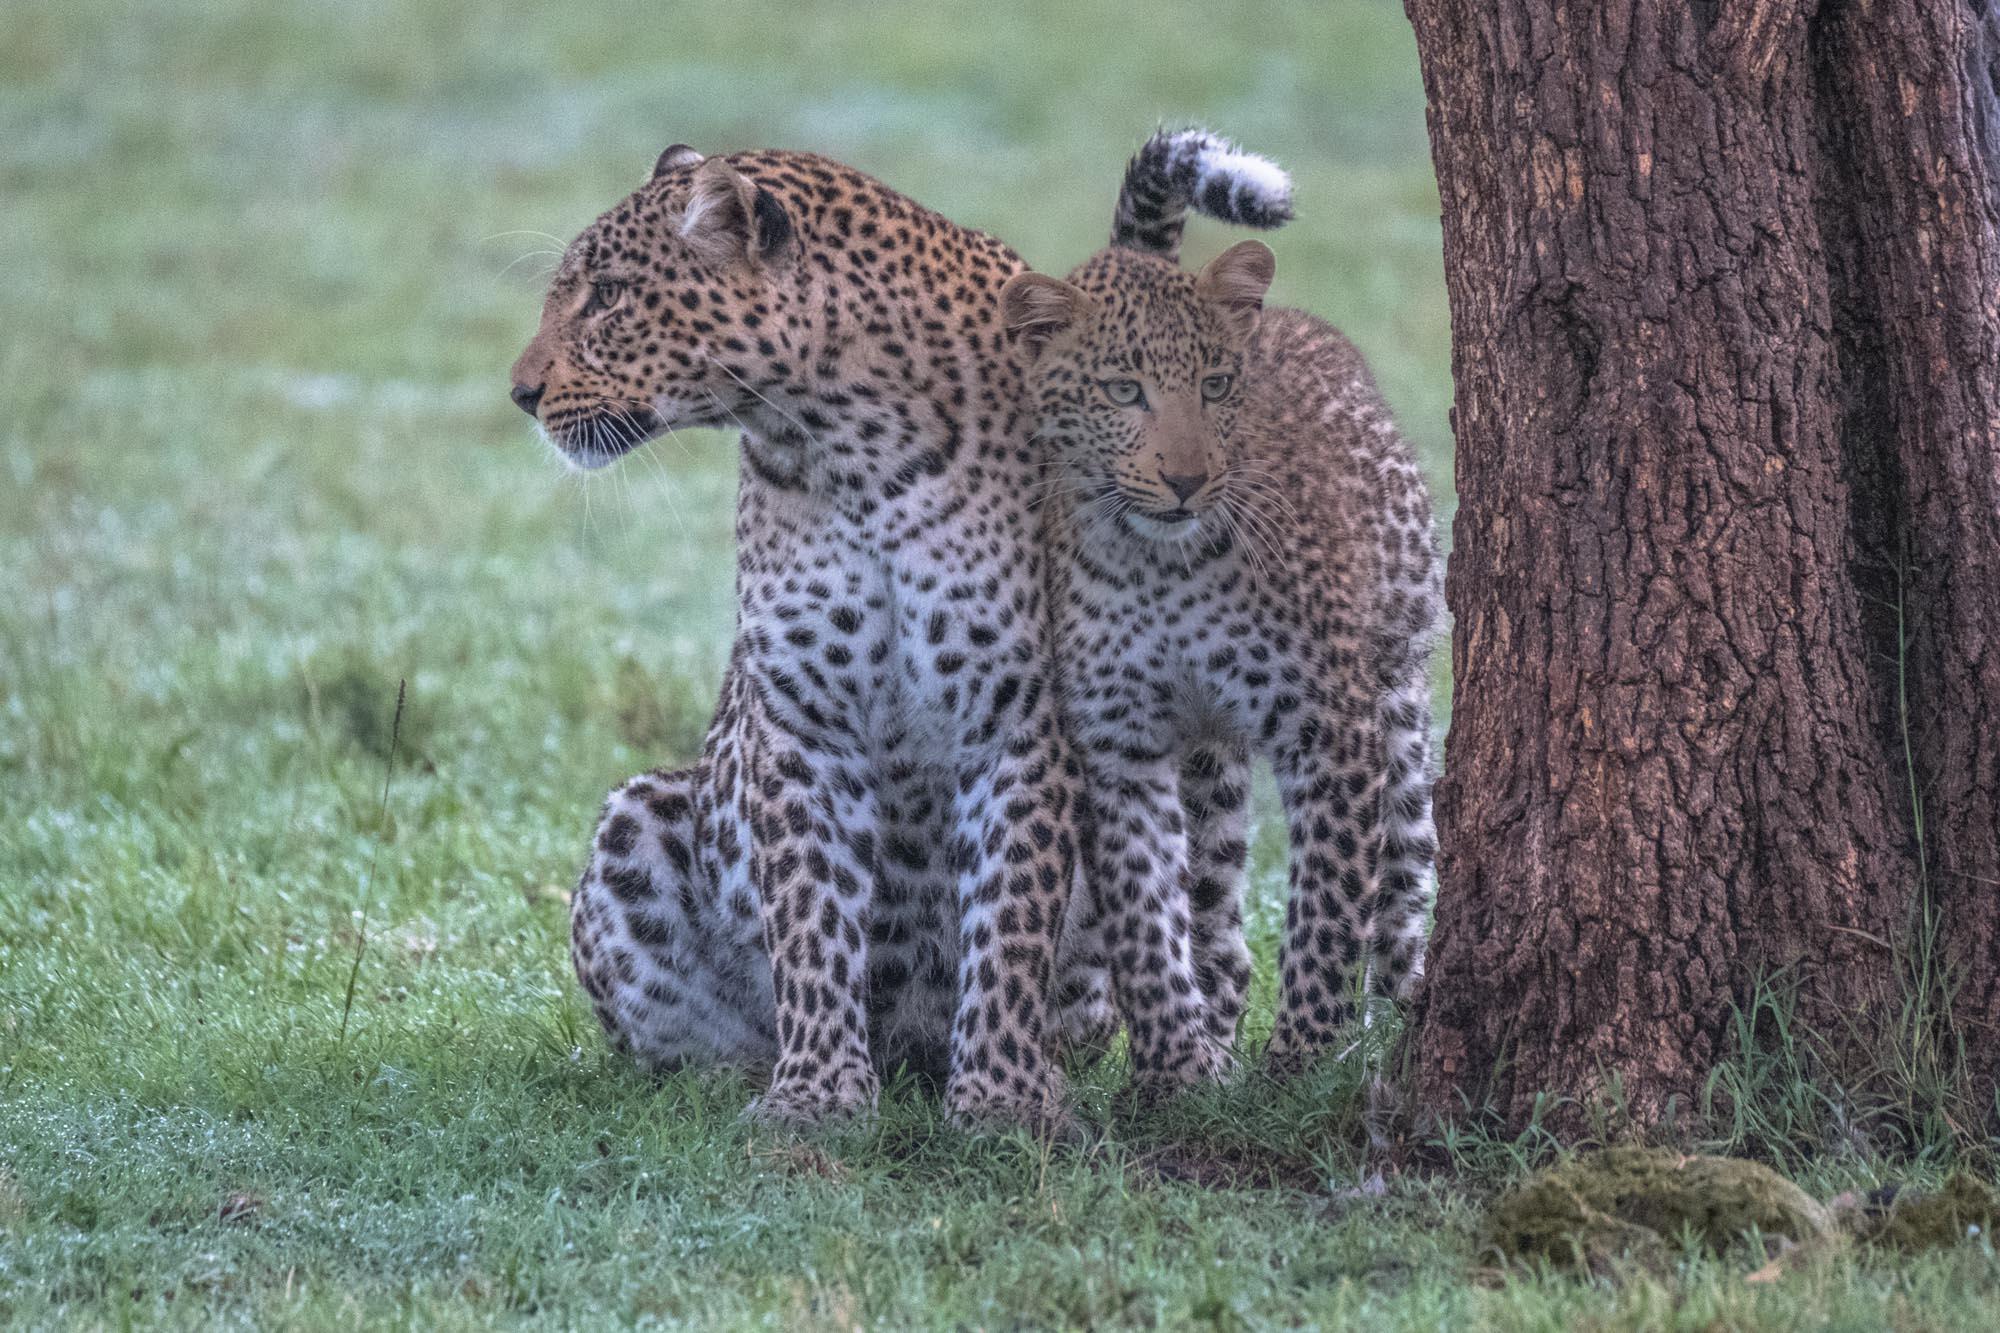 fig-cub-leopard-mara-kenya-5x7-card-2018-01-13.jpg